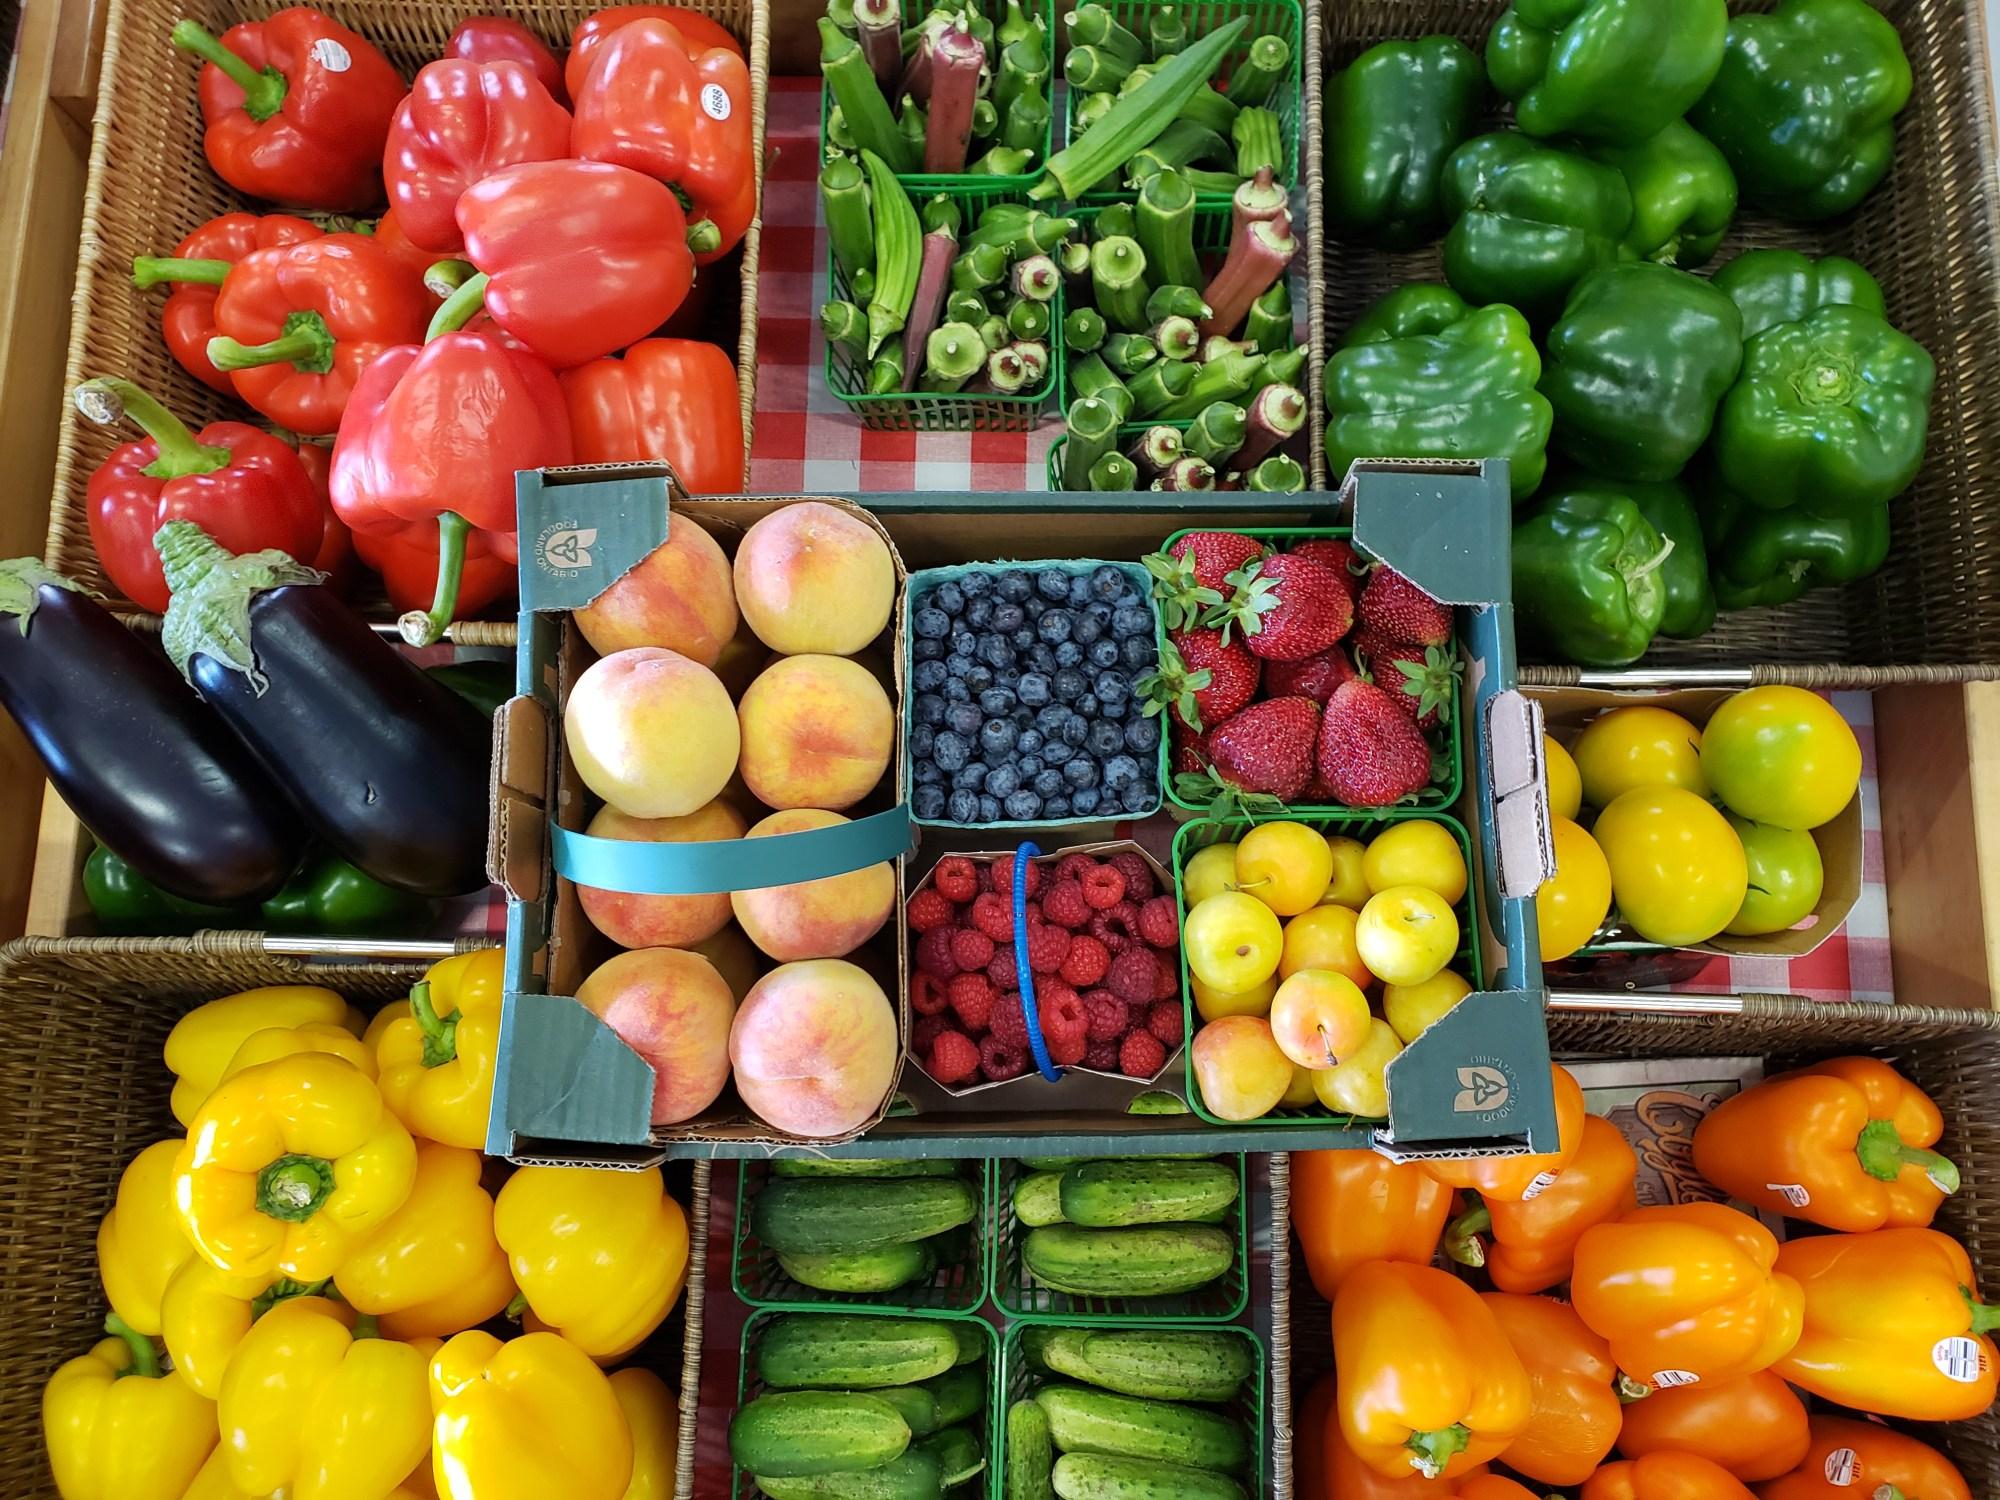 Fruit basket on top of fresh vegetables